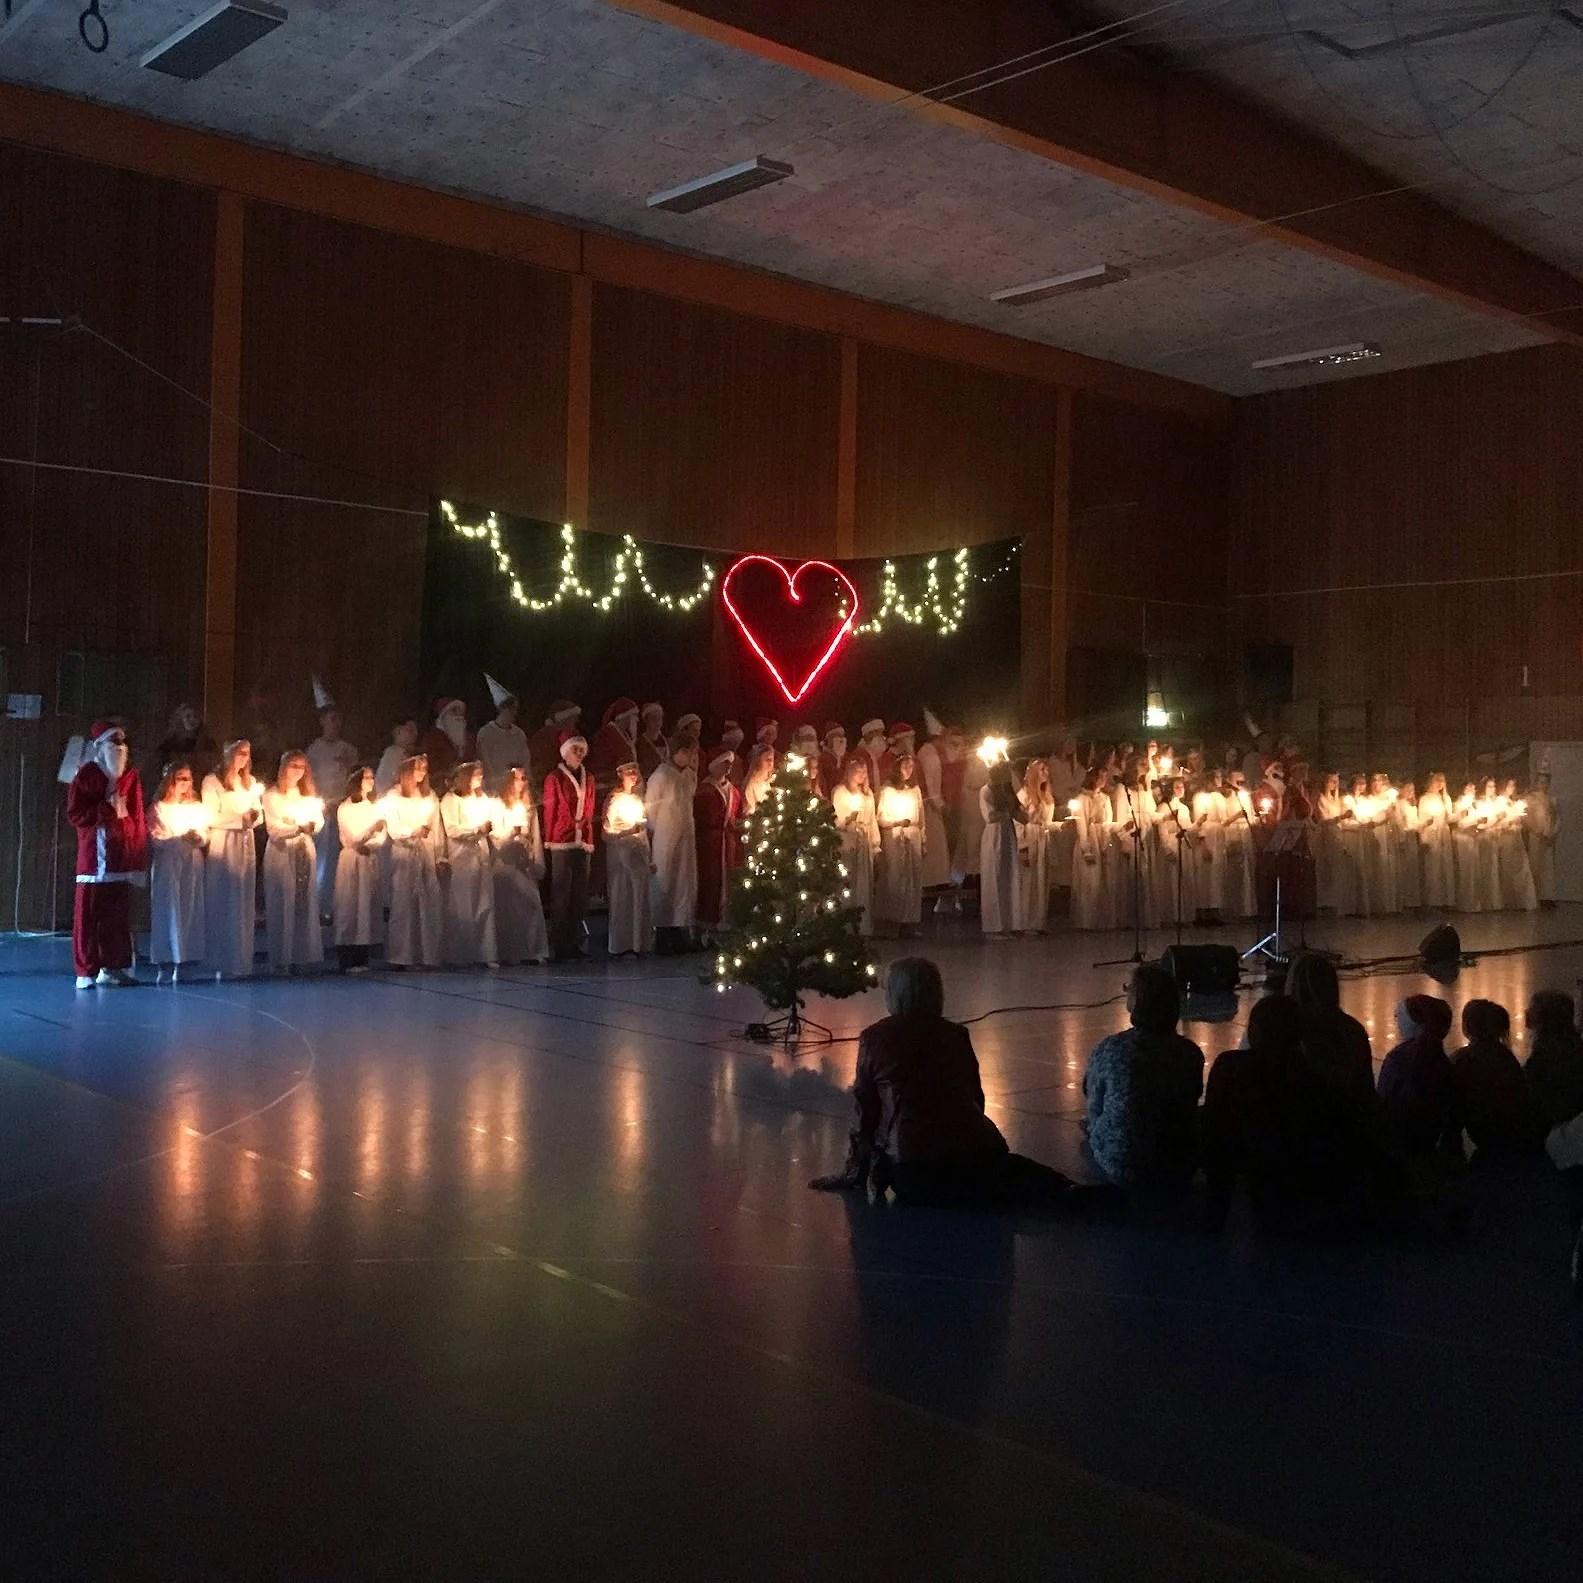 [luciadagen] gav verkligen julkänsla